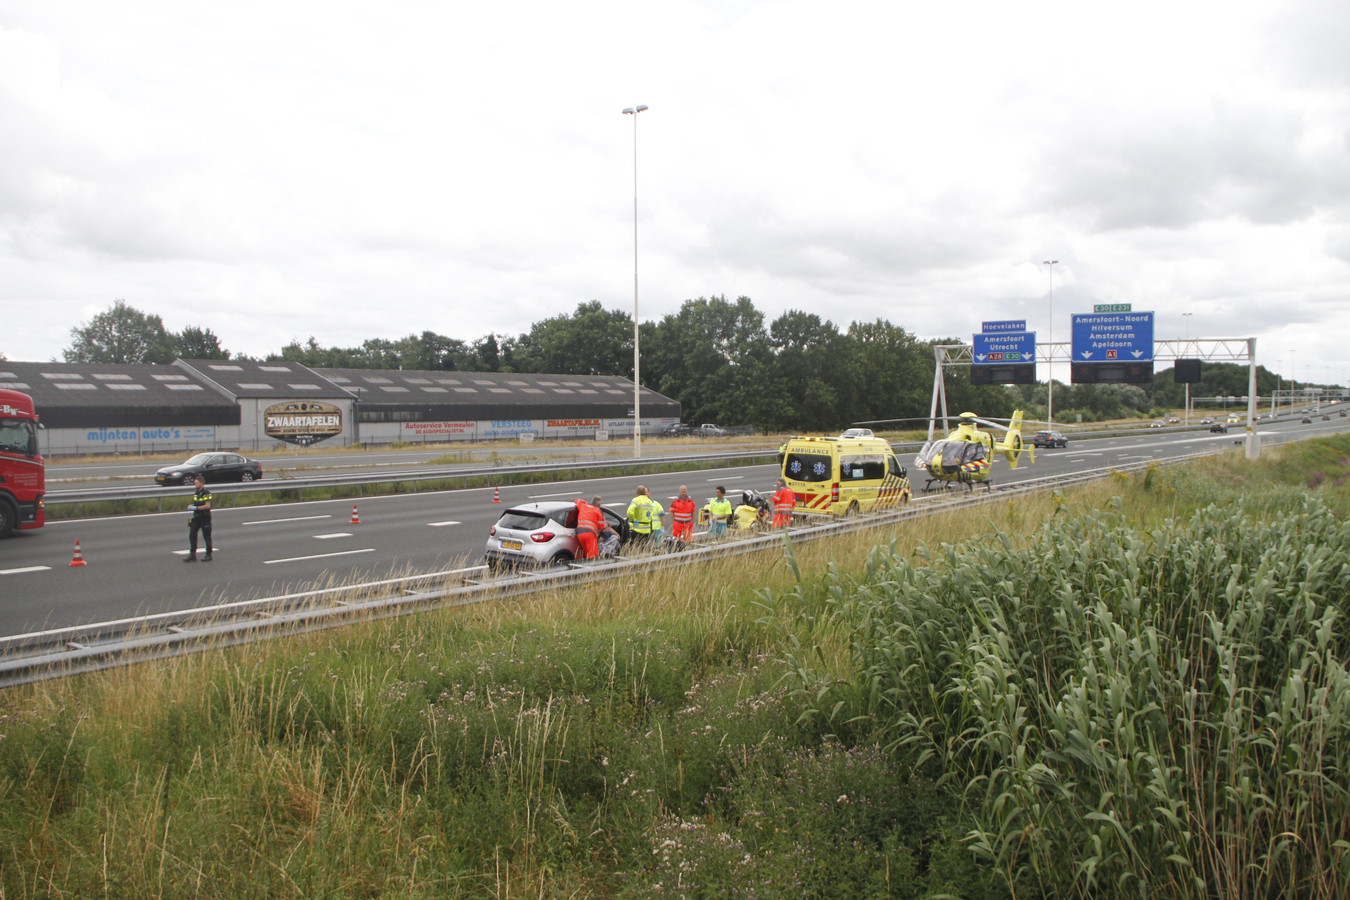 De A28 tussen Nijkerk en Amersfoort werd zondagavond afsloten voor het verkeer na een medisch incident met een kindje.